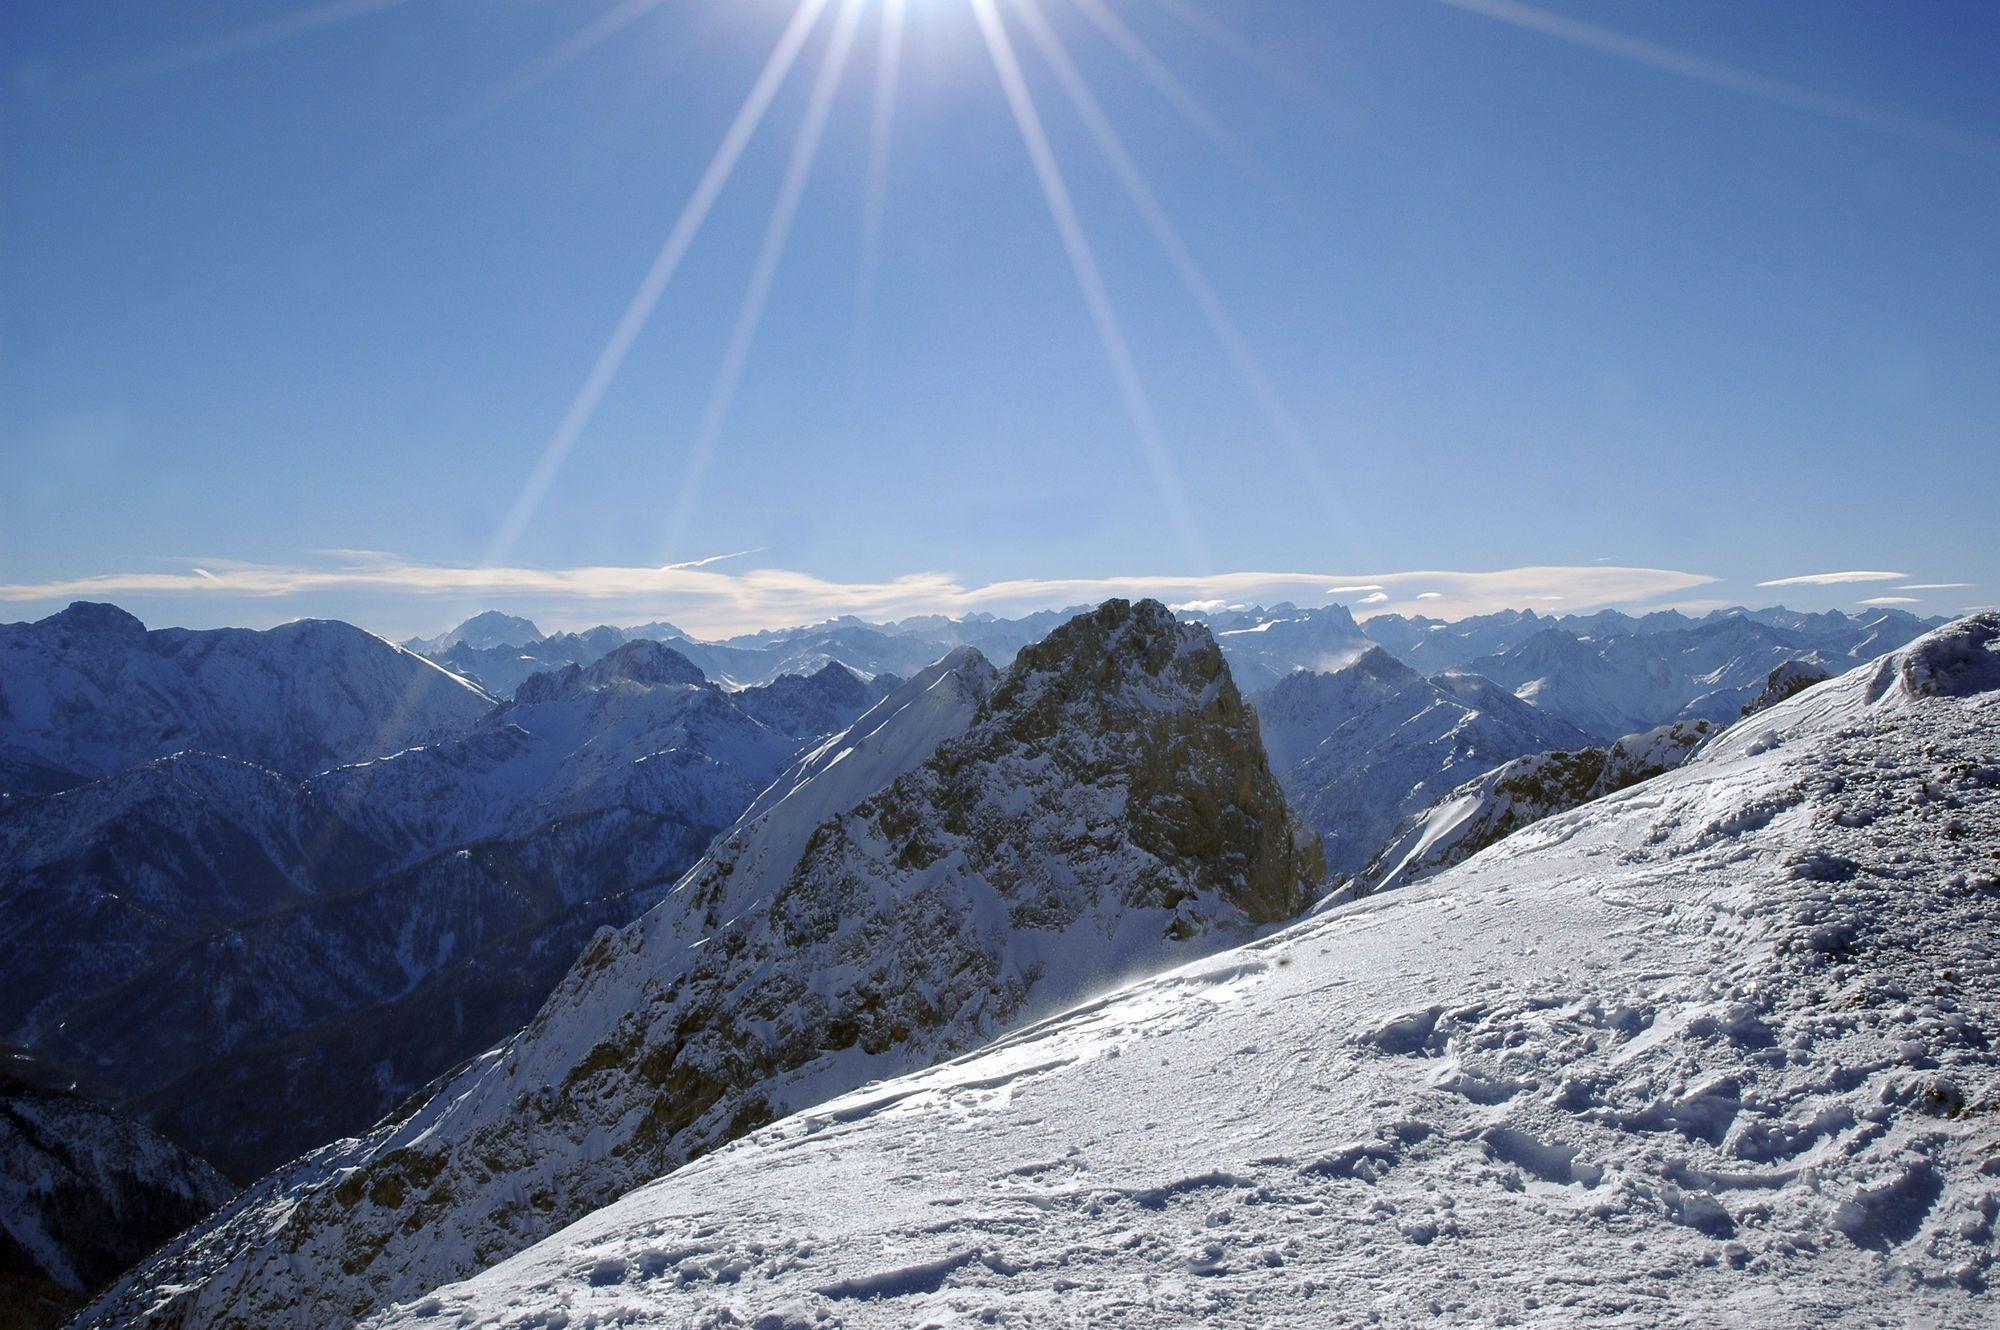 Aussi belle sous le soleil que sous la neige., iStockphoto